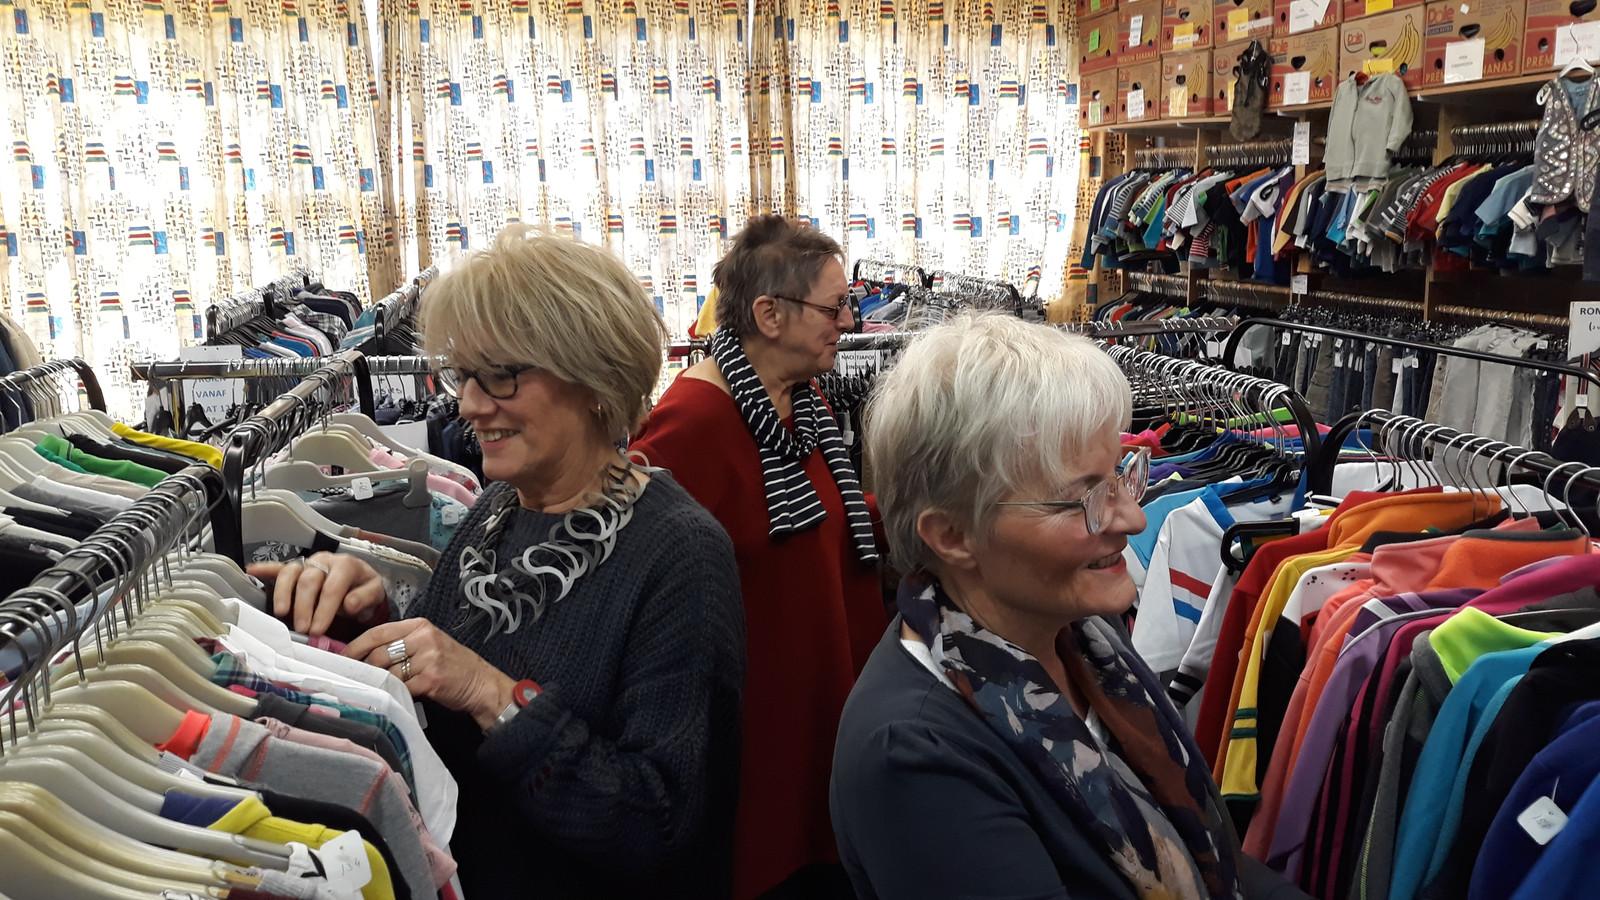 Wil je in de gemeente Rheden een kledingbank beginnen (zoals deze in Terneuzen), dan kun je misschien een startkapitaal krijgen via de site ikbuurtmee.nl.